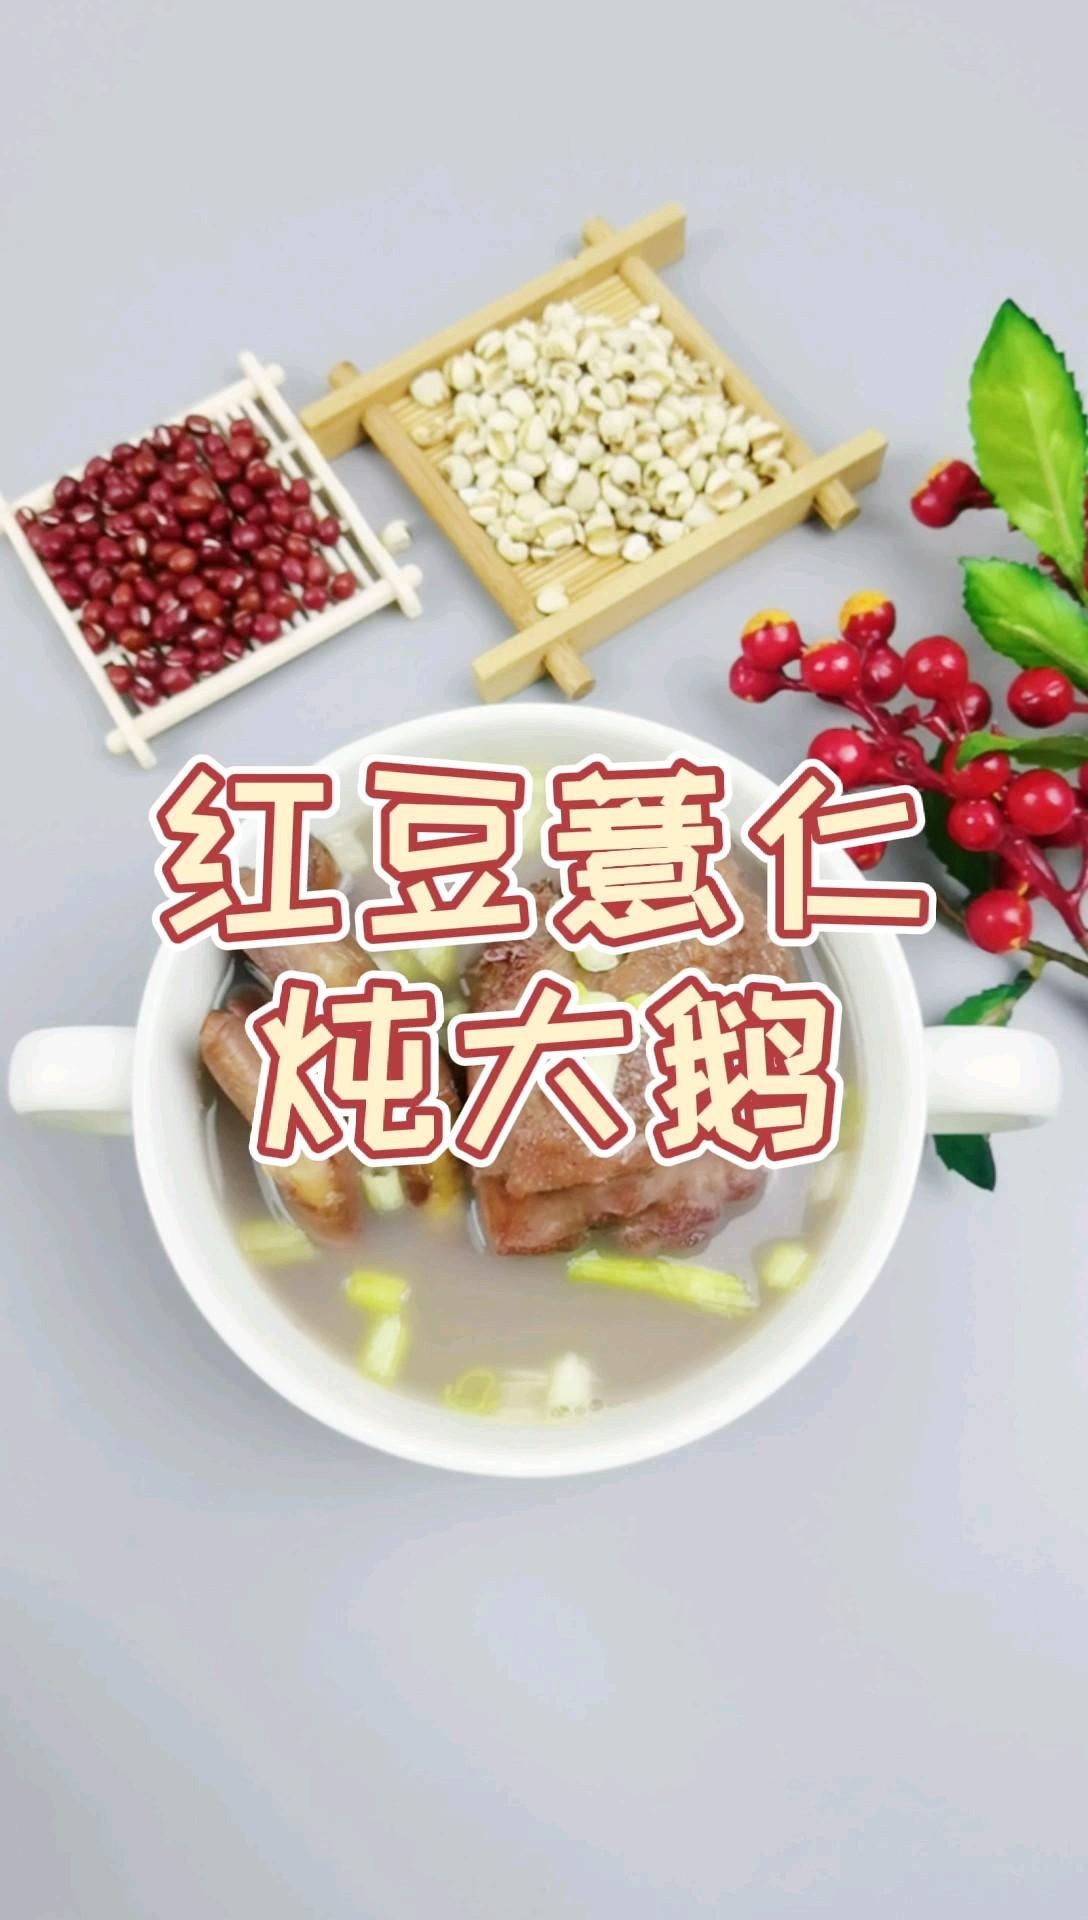 我是半滴雨#来自内蒙古#,参赛作品为红豆薏仁炖大鹅,炎炎夏日1碗降火消暑的汤品,有爱的你值得拥有